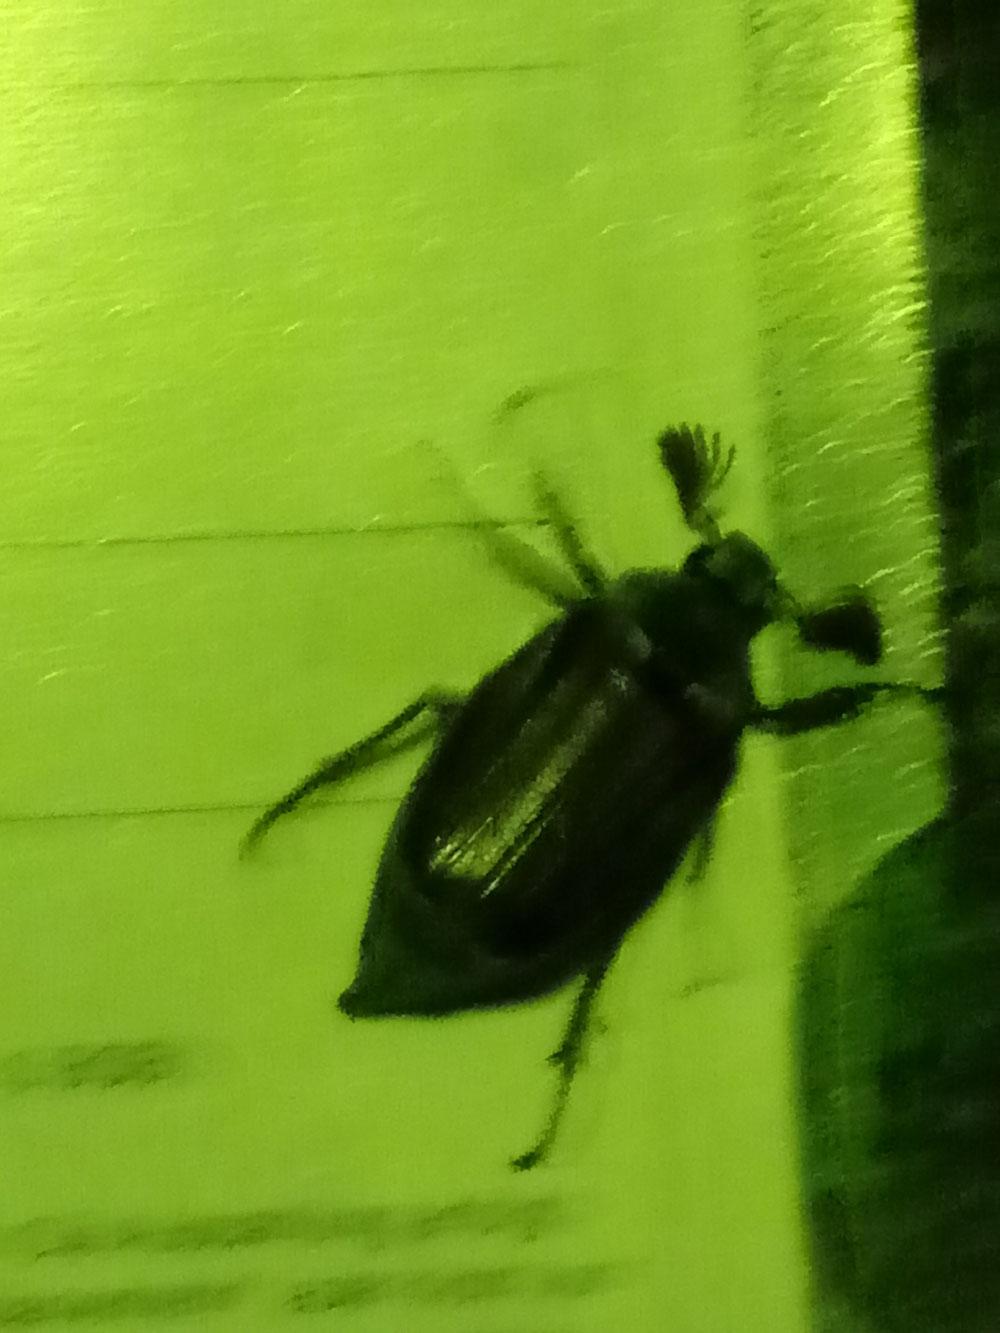 Dieser Geselle, ein Maikäfer :-)), ist mir letztens abends in die Wohnung gebrummt - habe mich erst total erschrocken, er war super laut u riesig. Dann hat er sich im Flur niedergelassen und ich habe ihn erkannt. Und dann im Glas nach draußen geleitet. Soll sein kurzes Käferleben doch genießen können! :-)